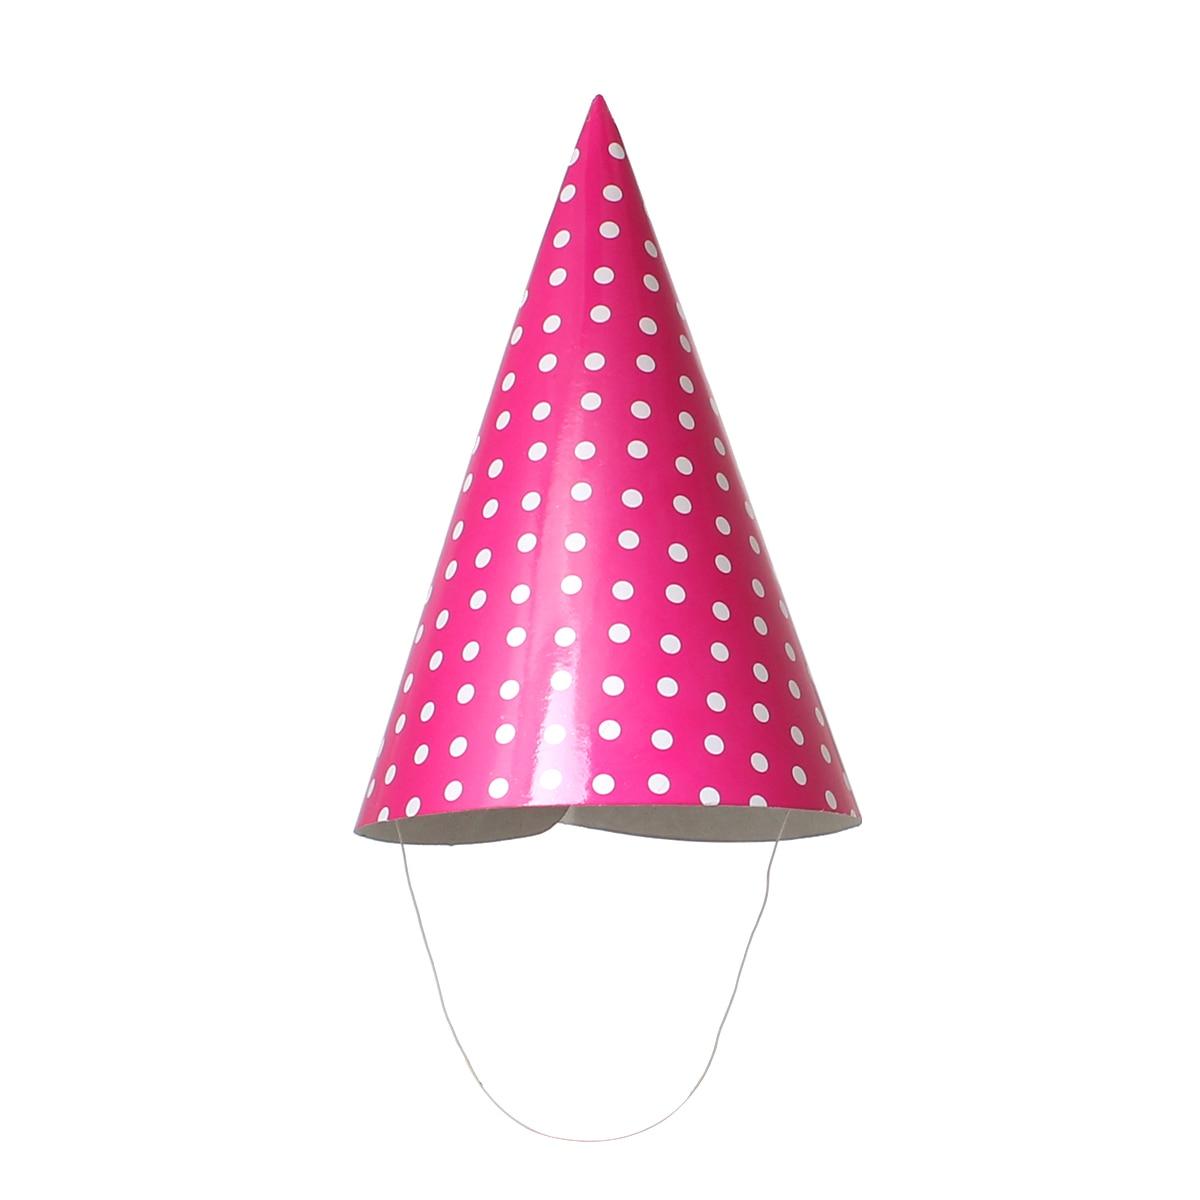 Topi Ulang Tahun Ultah Polkadot Merah Daftar Harga Terbaik Balonasia Dekorasi Backdrop Set Garis Pesta Kertas Cone Secara Acak Dot Pola 426 Cm X 24